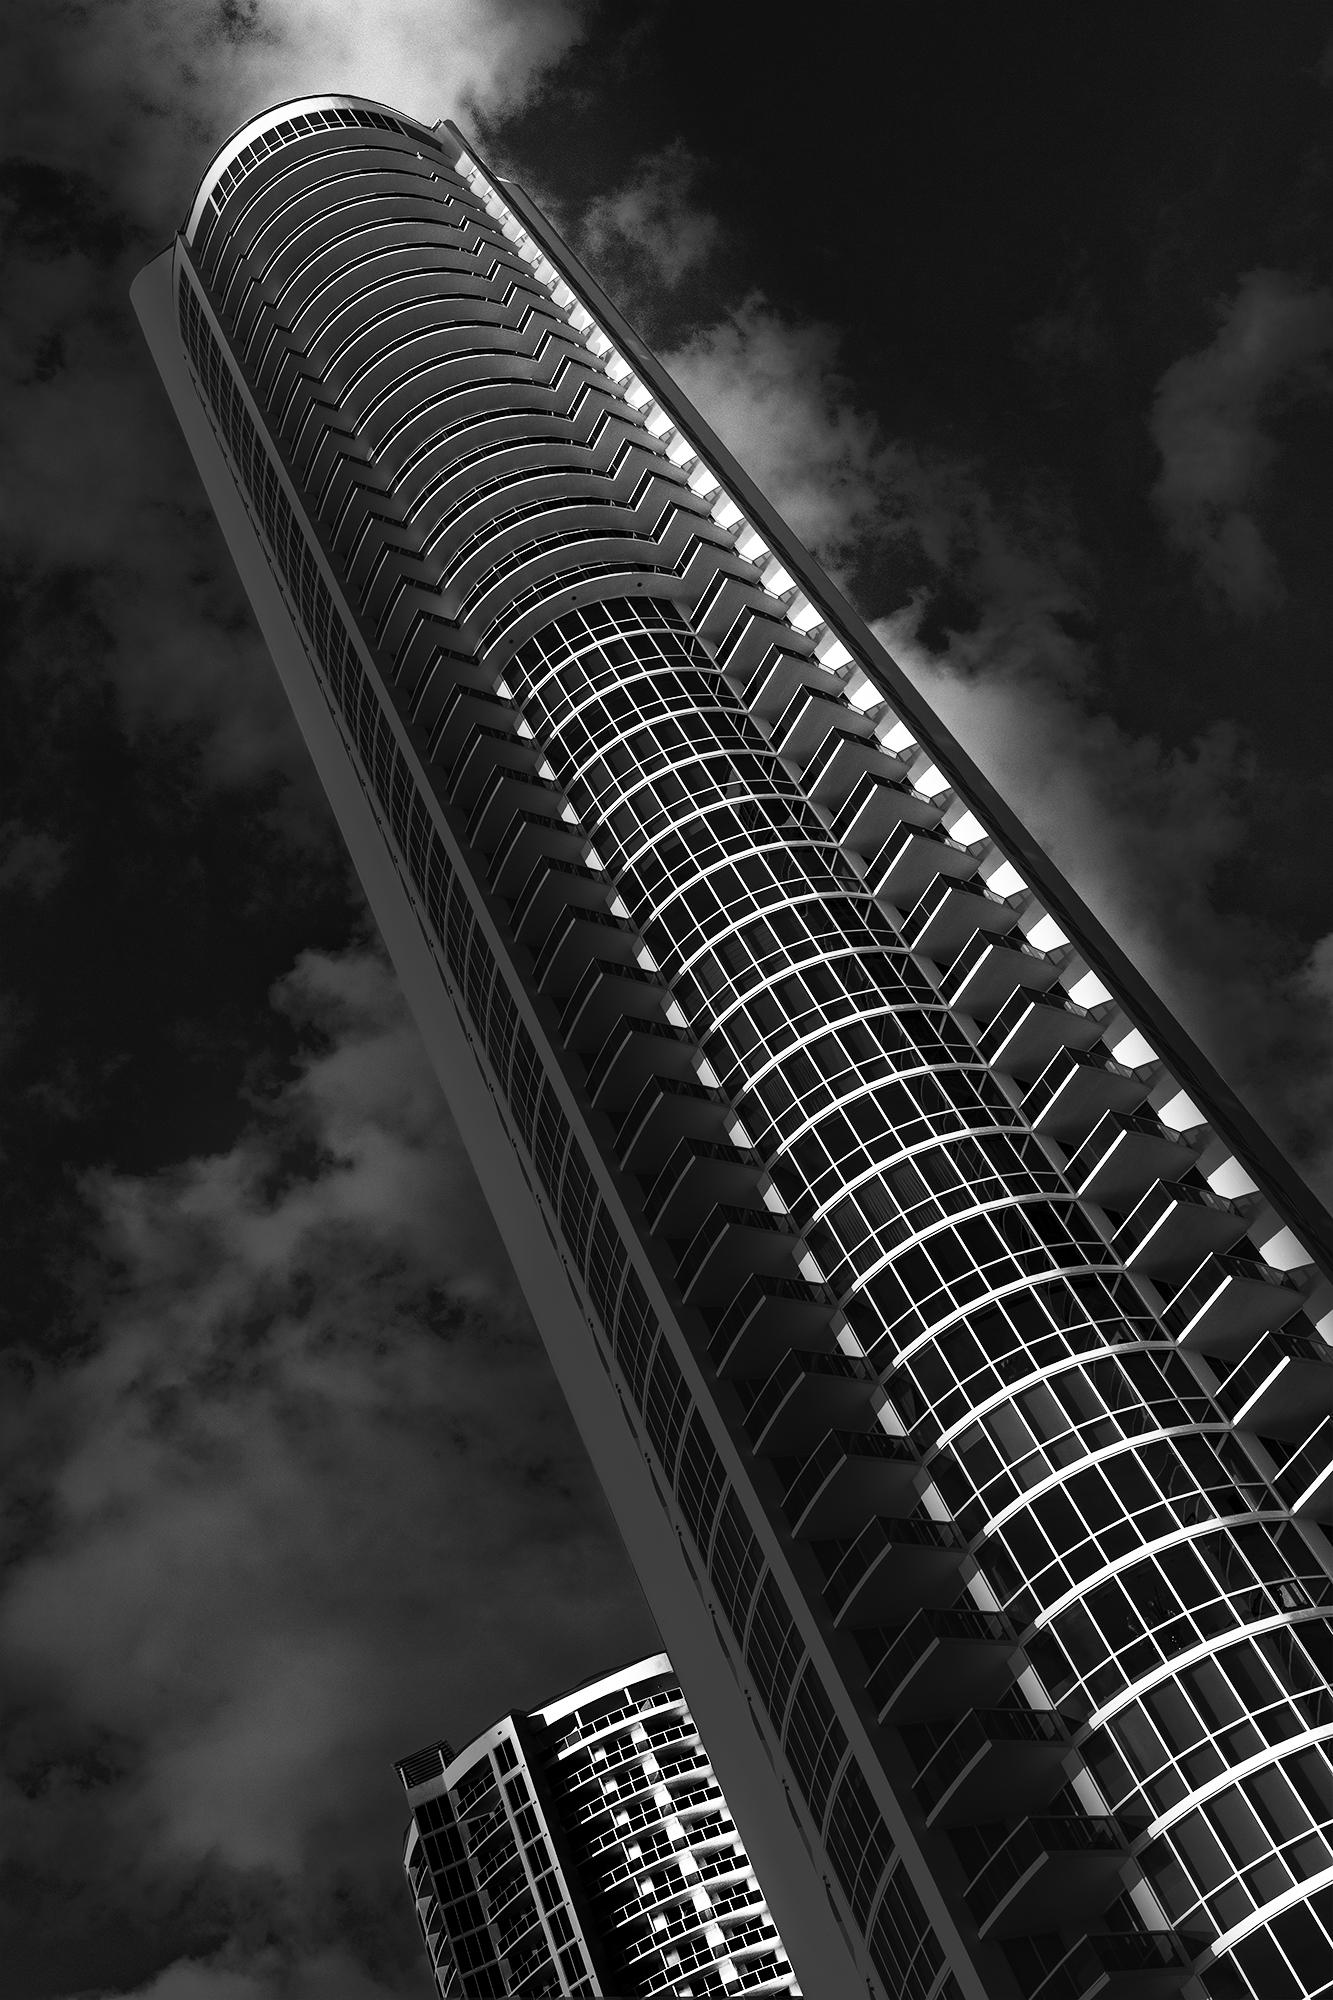 LArry Dunn - Leaning tower.jpg